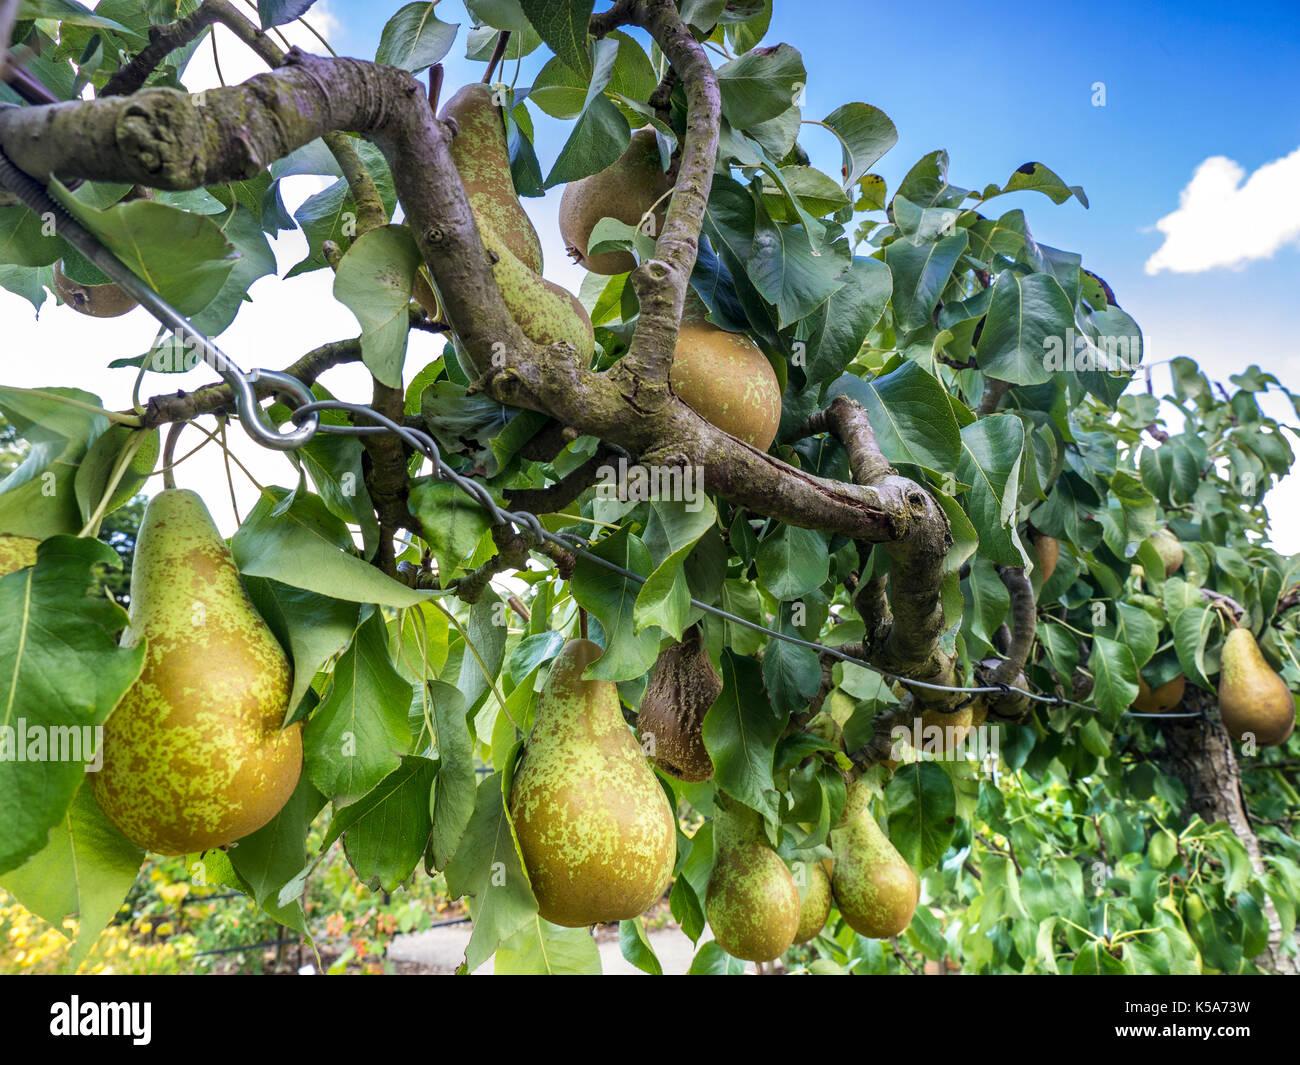 Conférence de l'espalier ESPALIERED Pear Tree (Pyrus communis) poires dessert l'espalier formés dans un jardin potager Banque D'Images